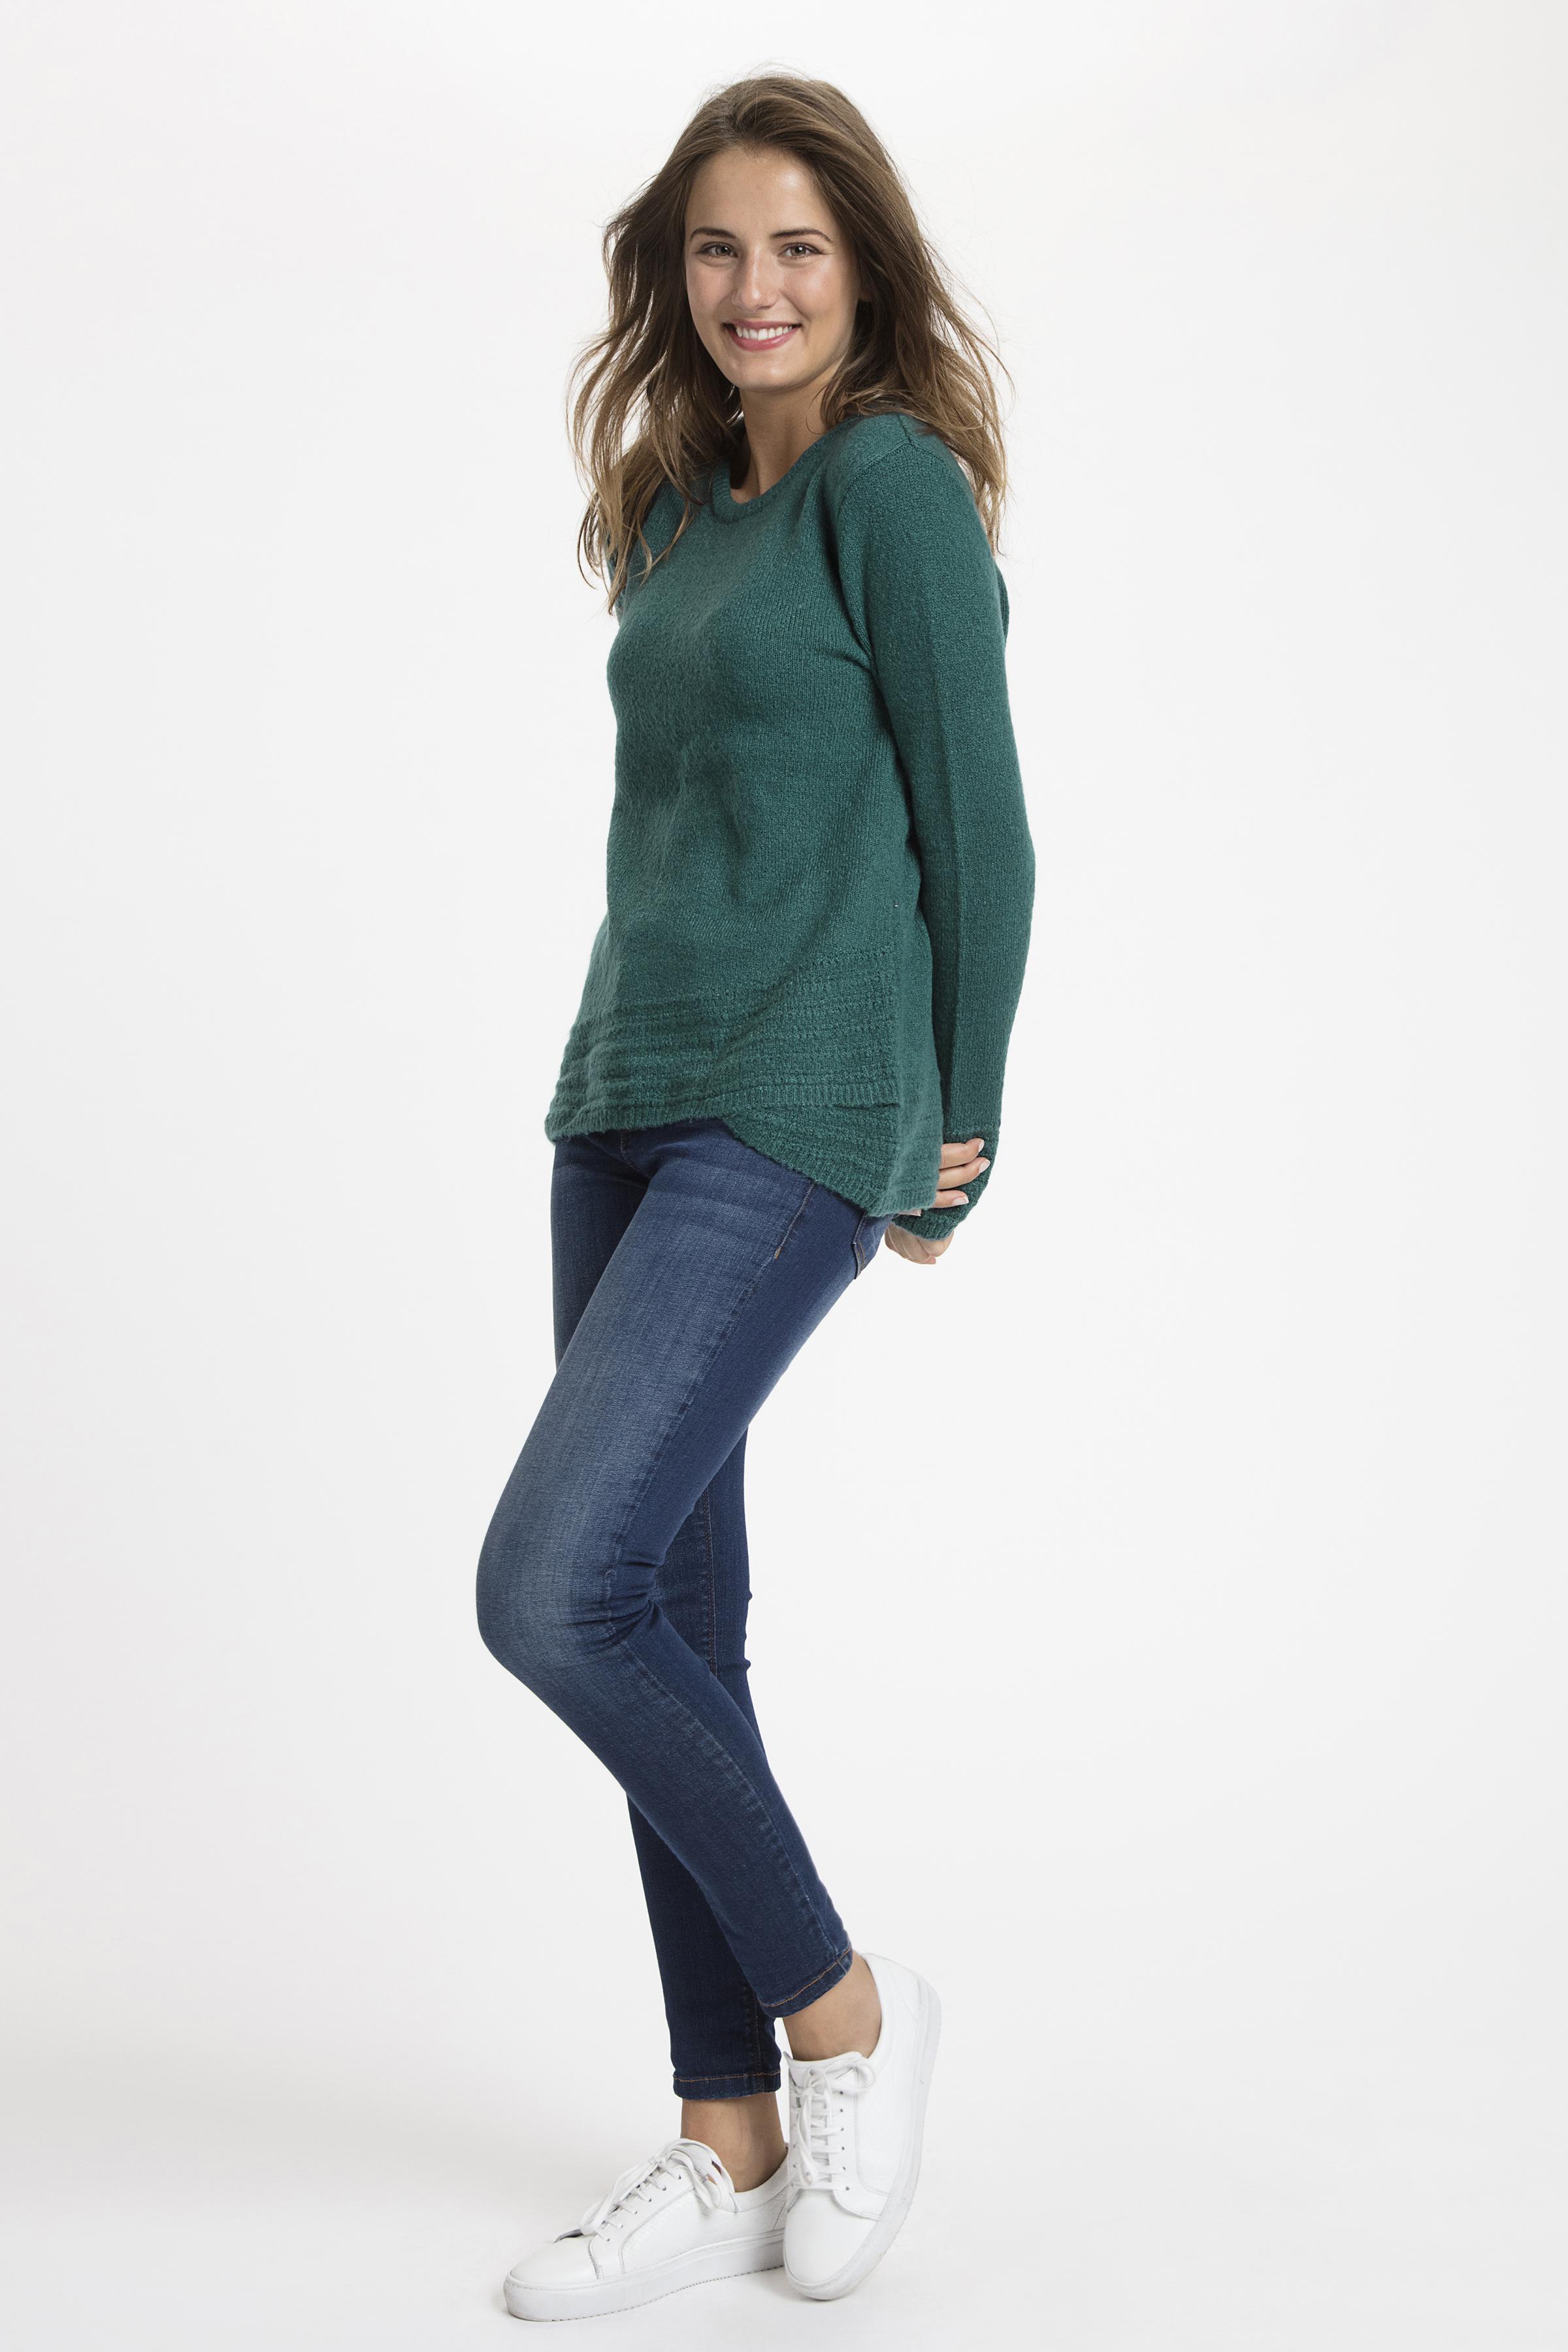 Grün Strickpullover von Bon'A Parte – Shoppen Sie Grün Strickpullover ab Gr. S-2XL hier